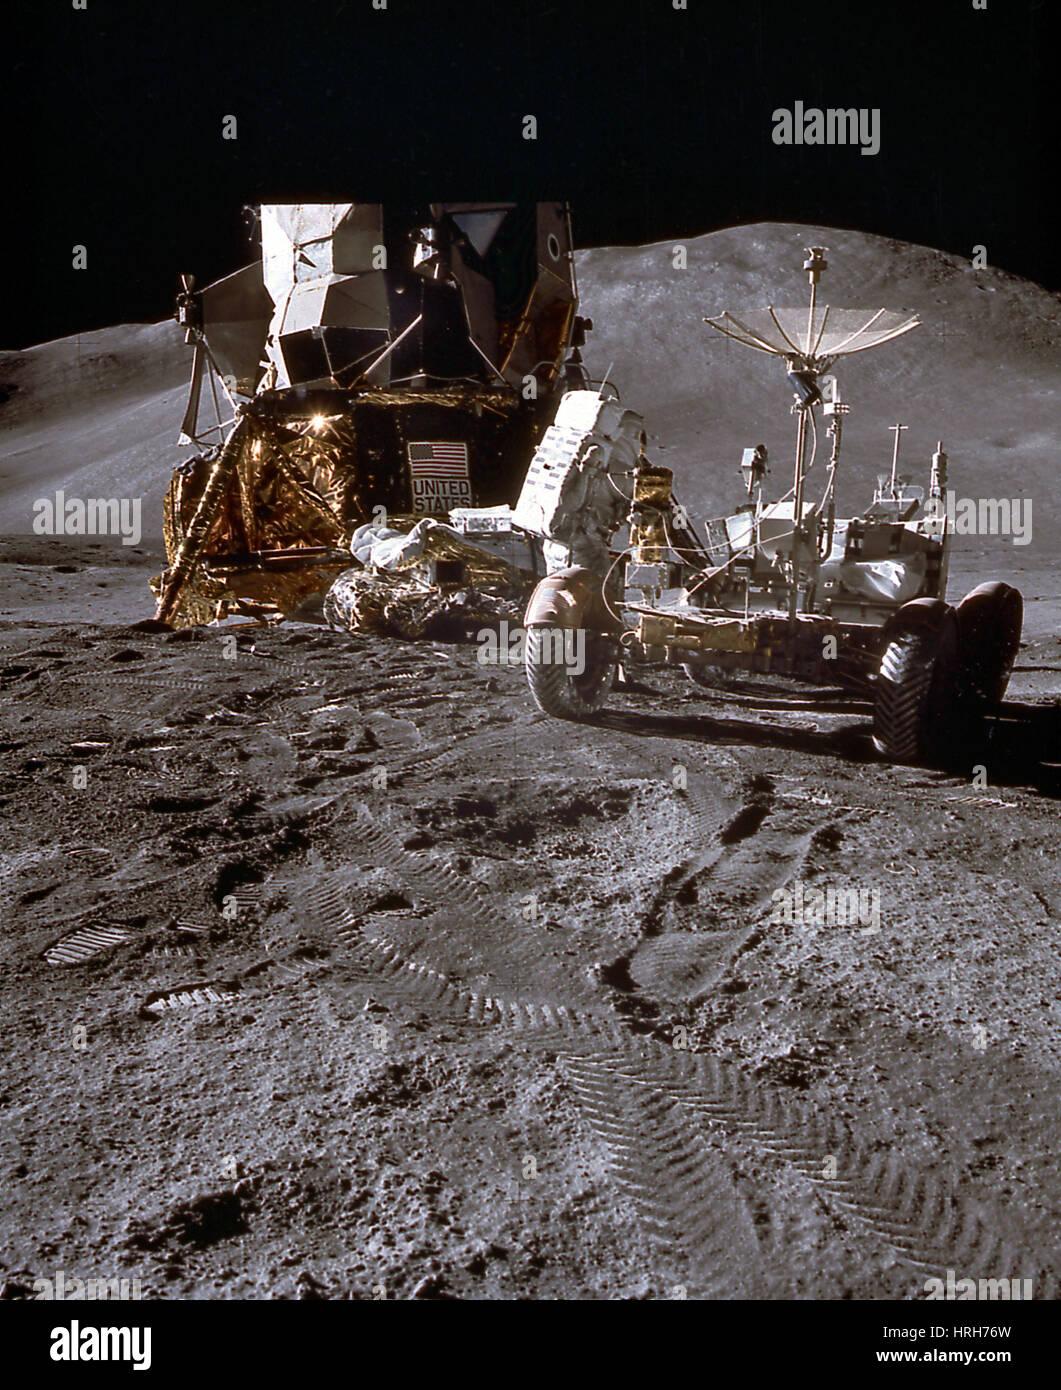 Apollo 15 Lunar Rover Photo Stock